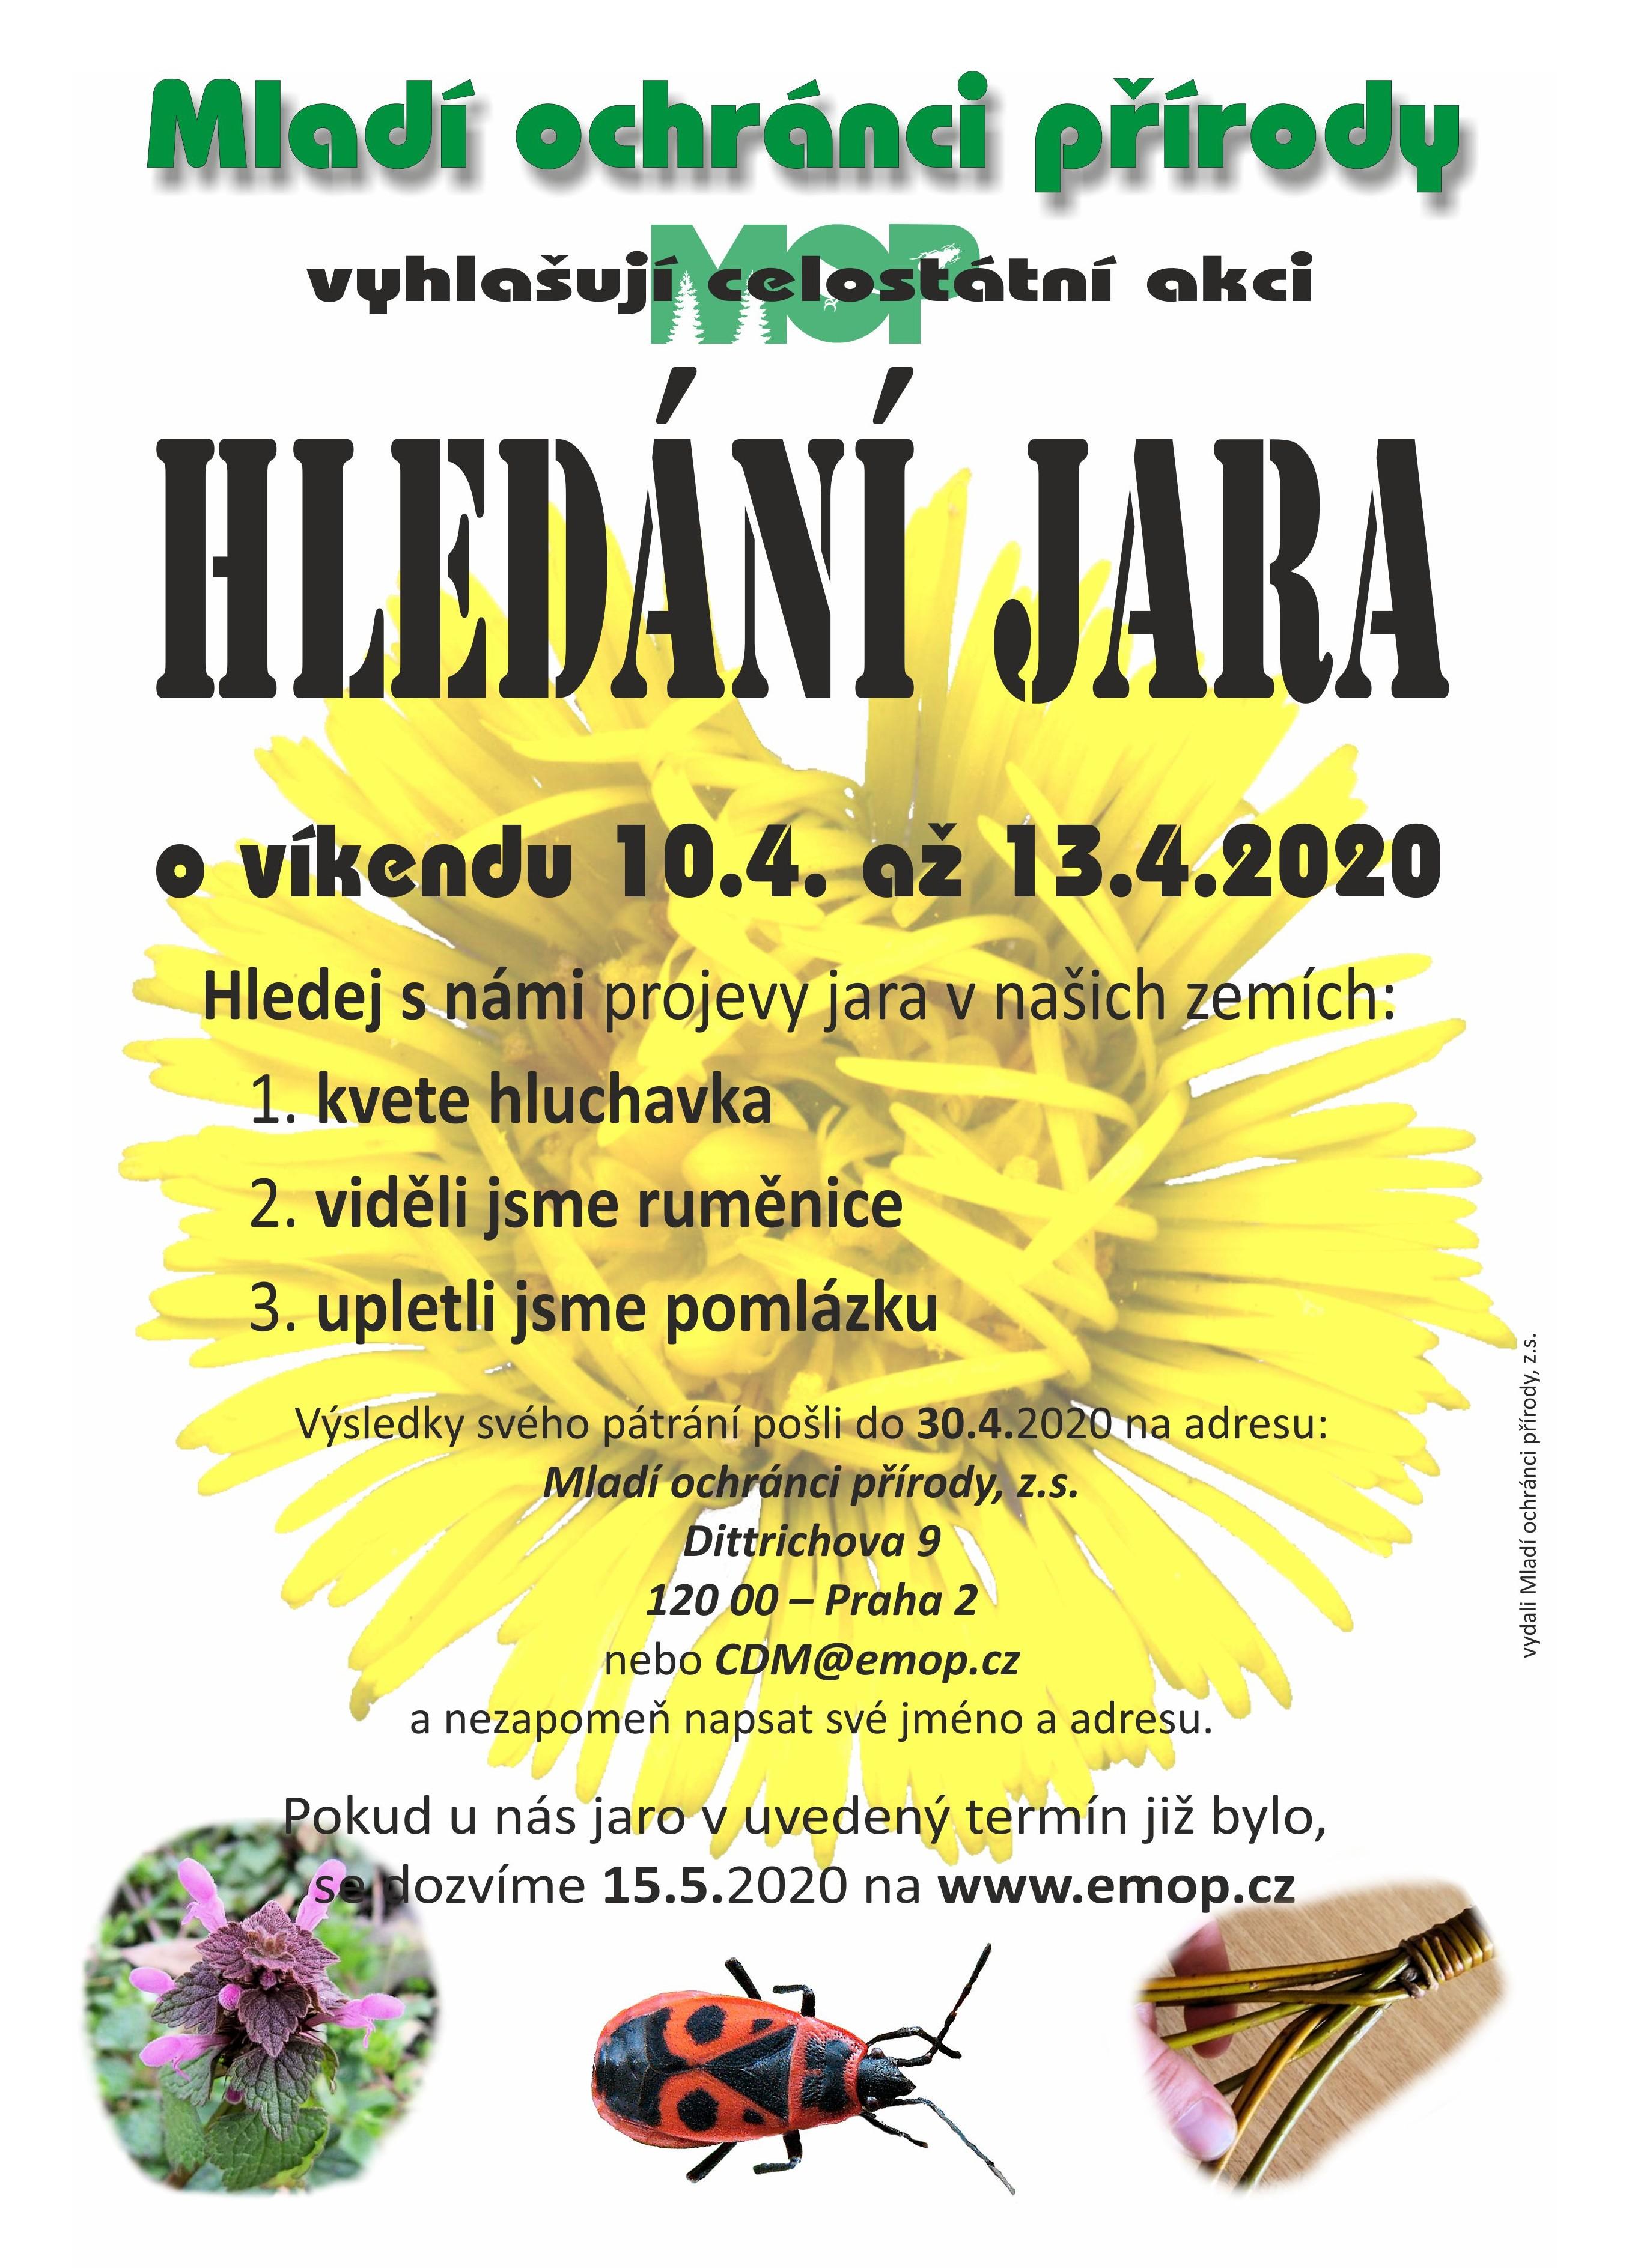 https://www.emop.cz/im/jaro/jaro2020.jpg